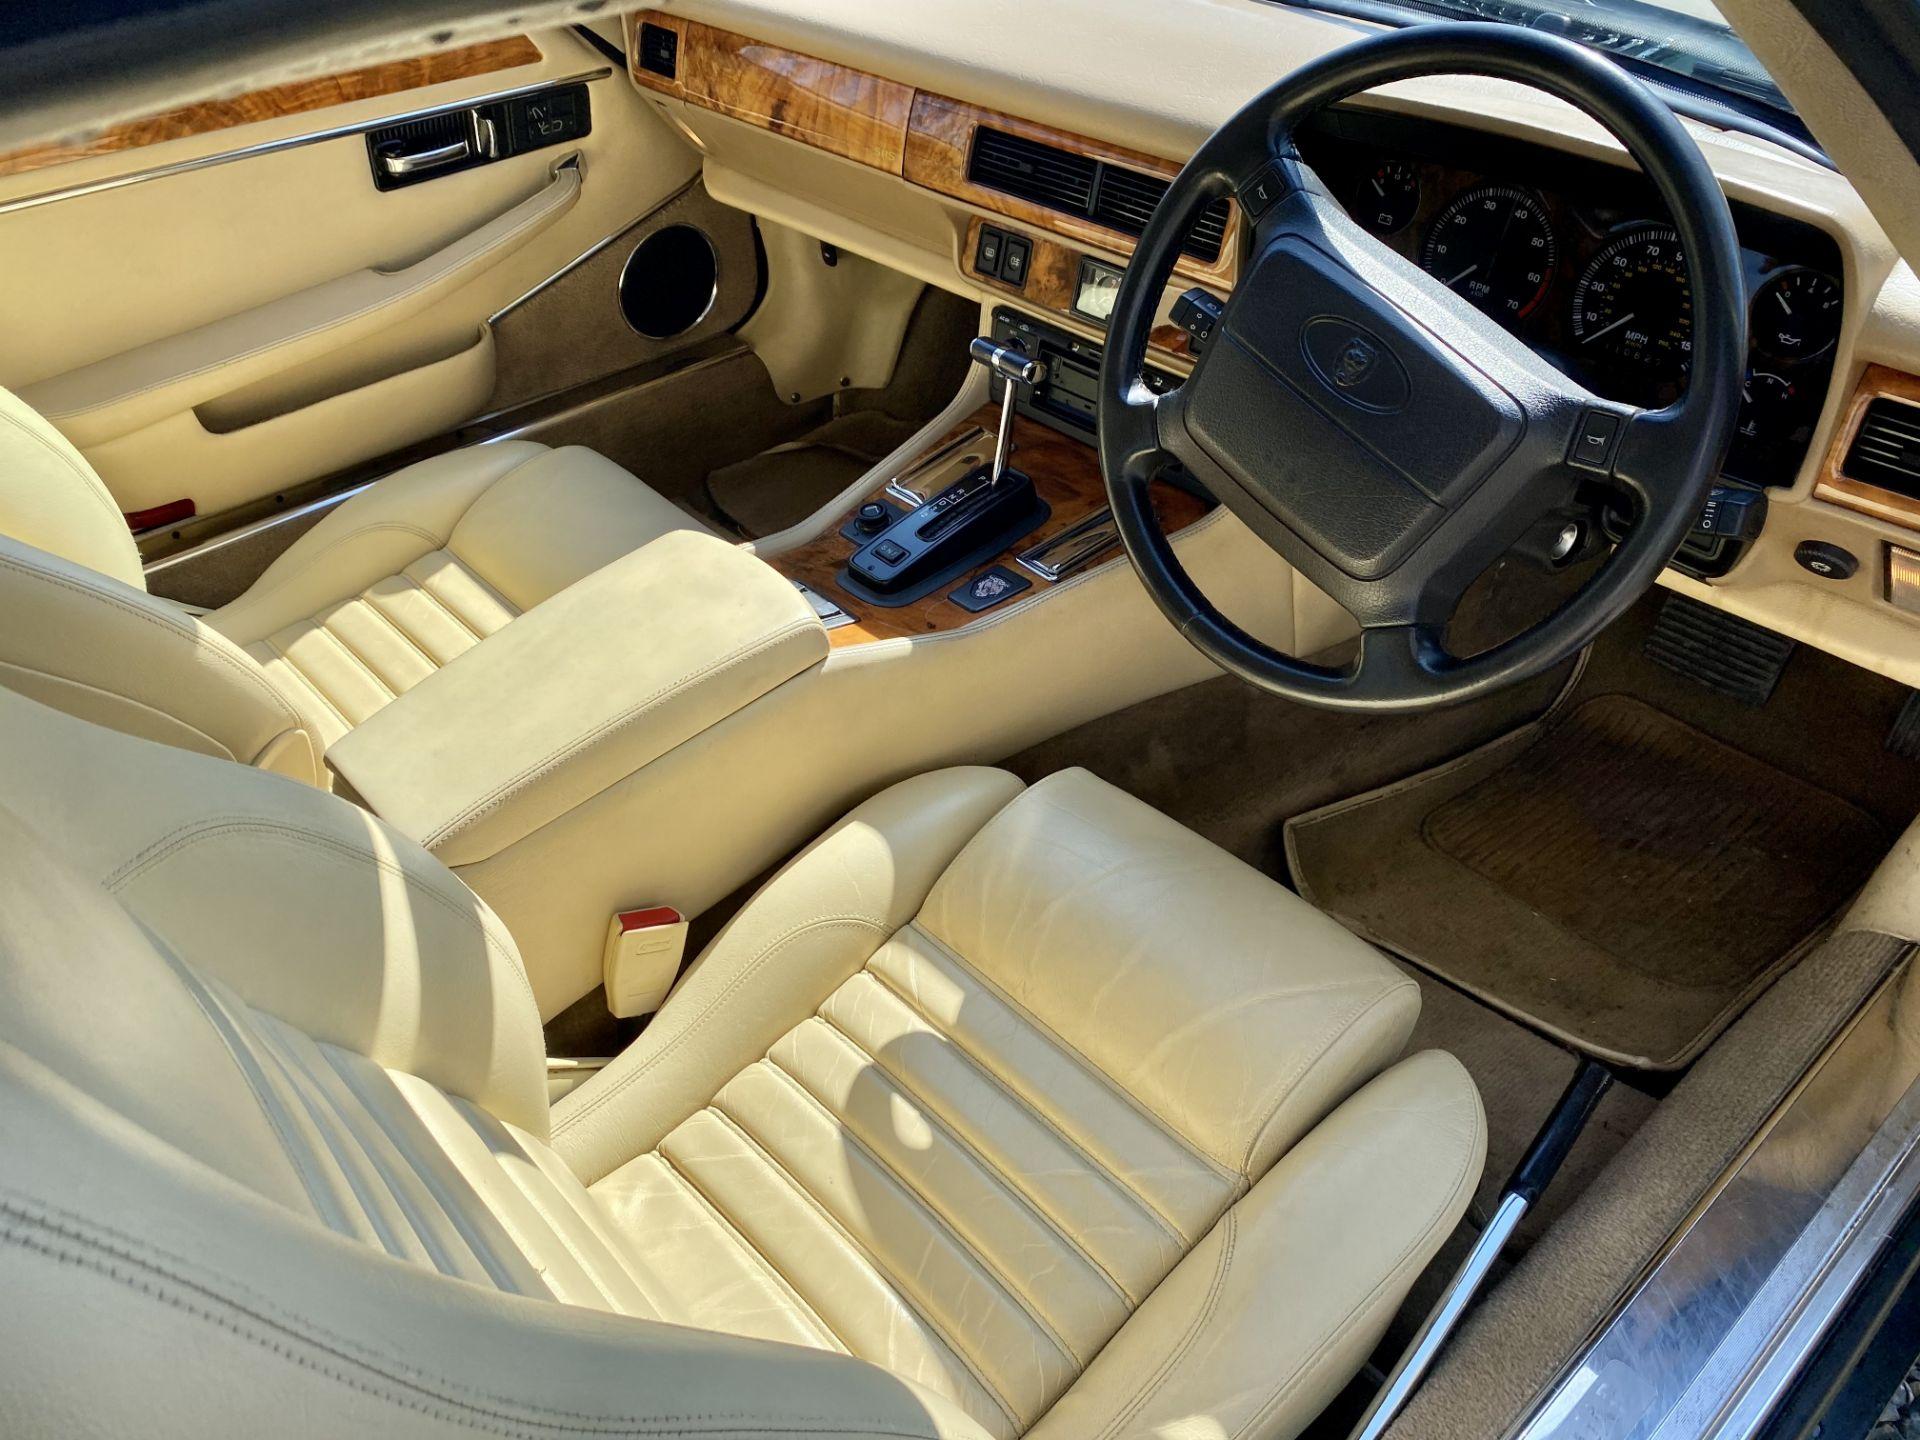 Jaguar XJS coupe - Image 47 of 64